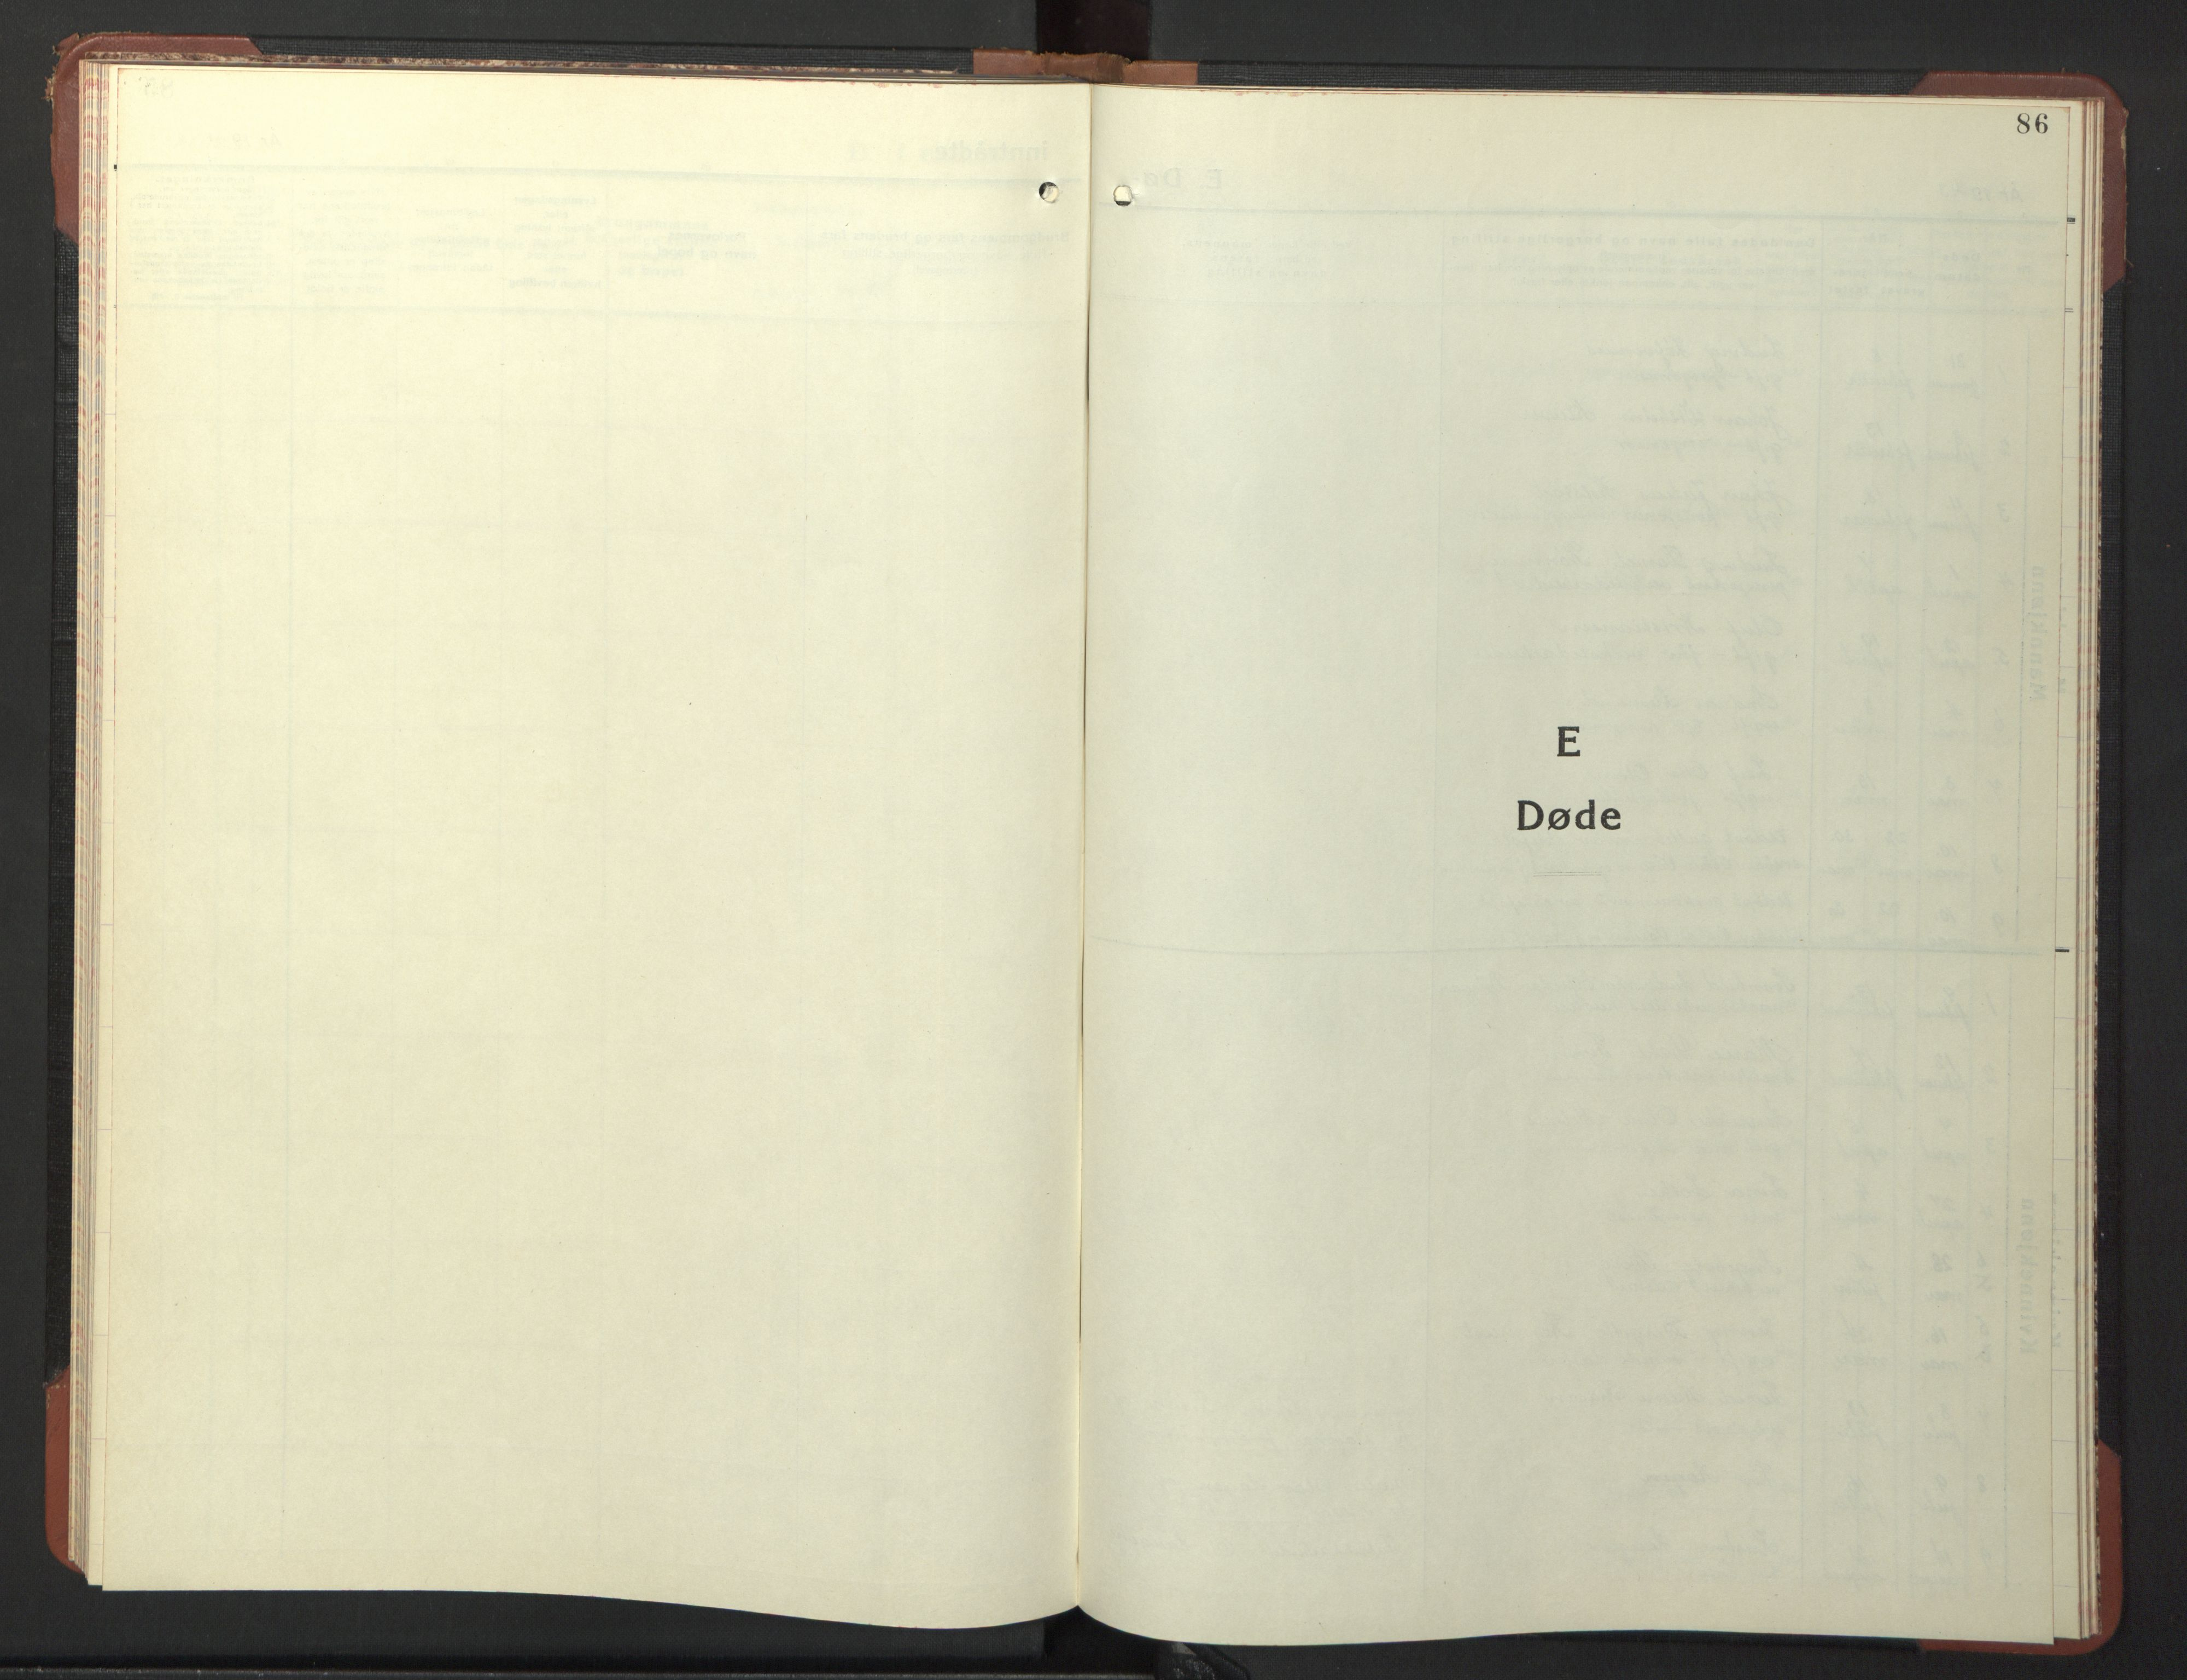 SAT, Ministerialprotokoller, klokkerbøker og fødselsregistre - Sør-Trøndelag, 611/L0358: Klokkerbok nr. 611C06, 1943-1946, s. 86